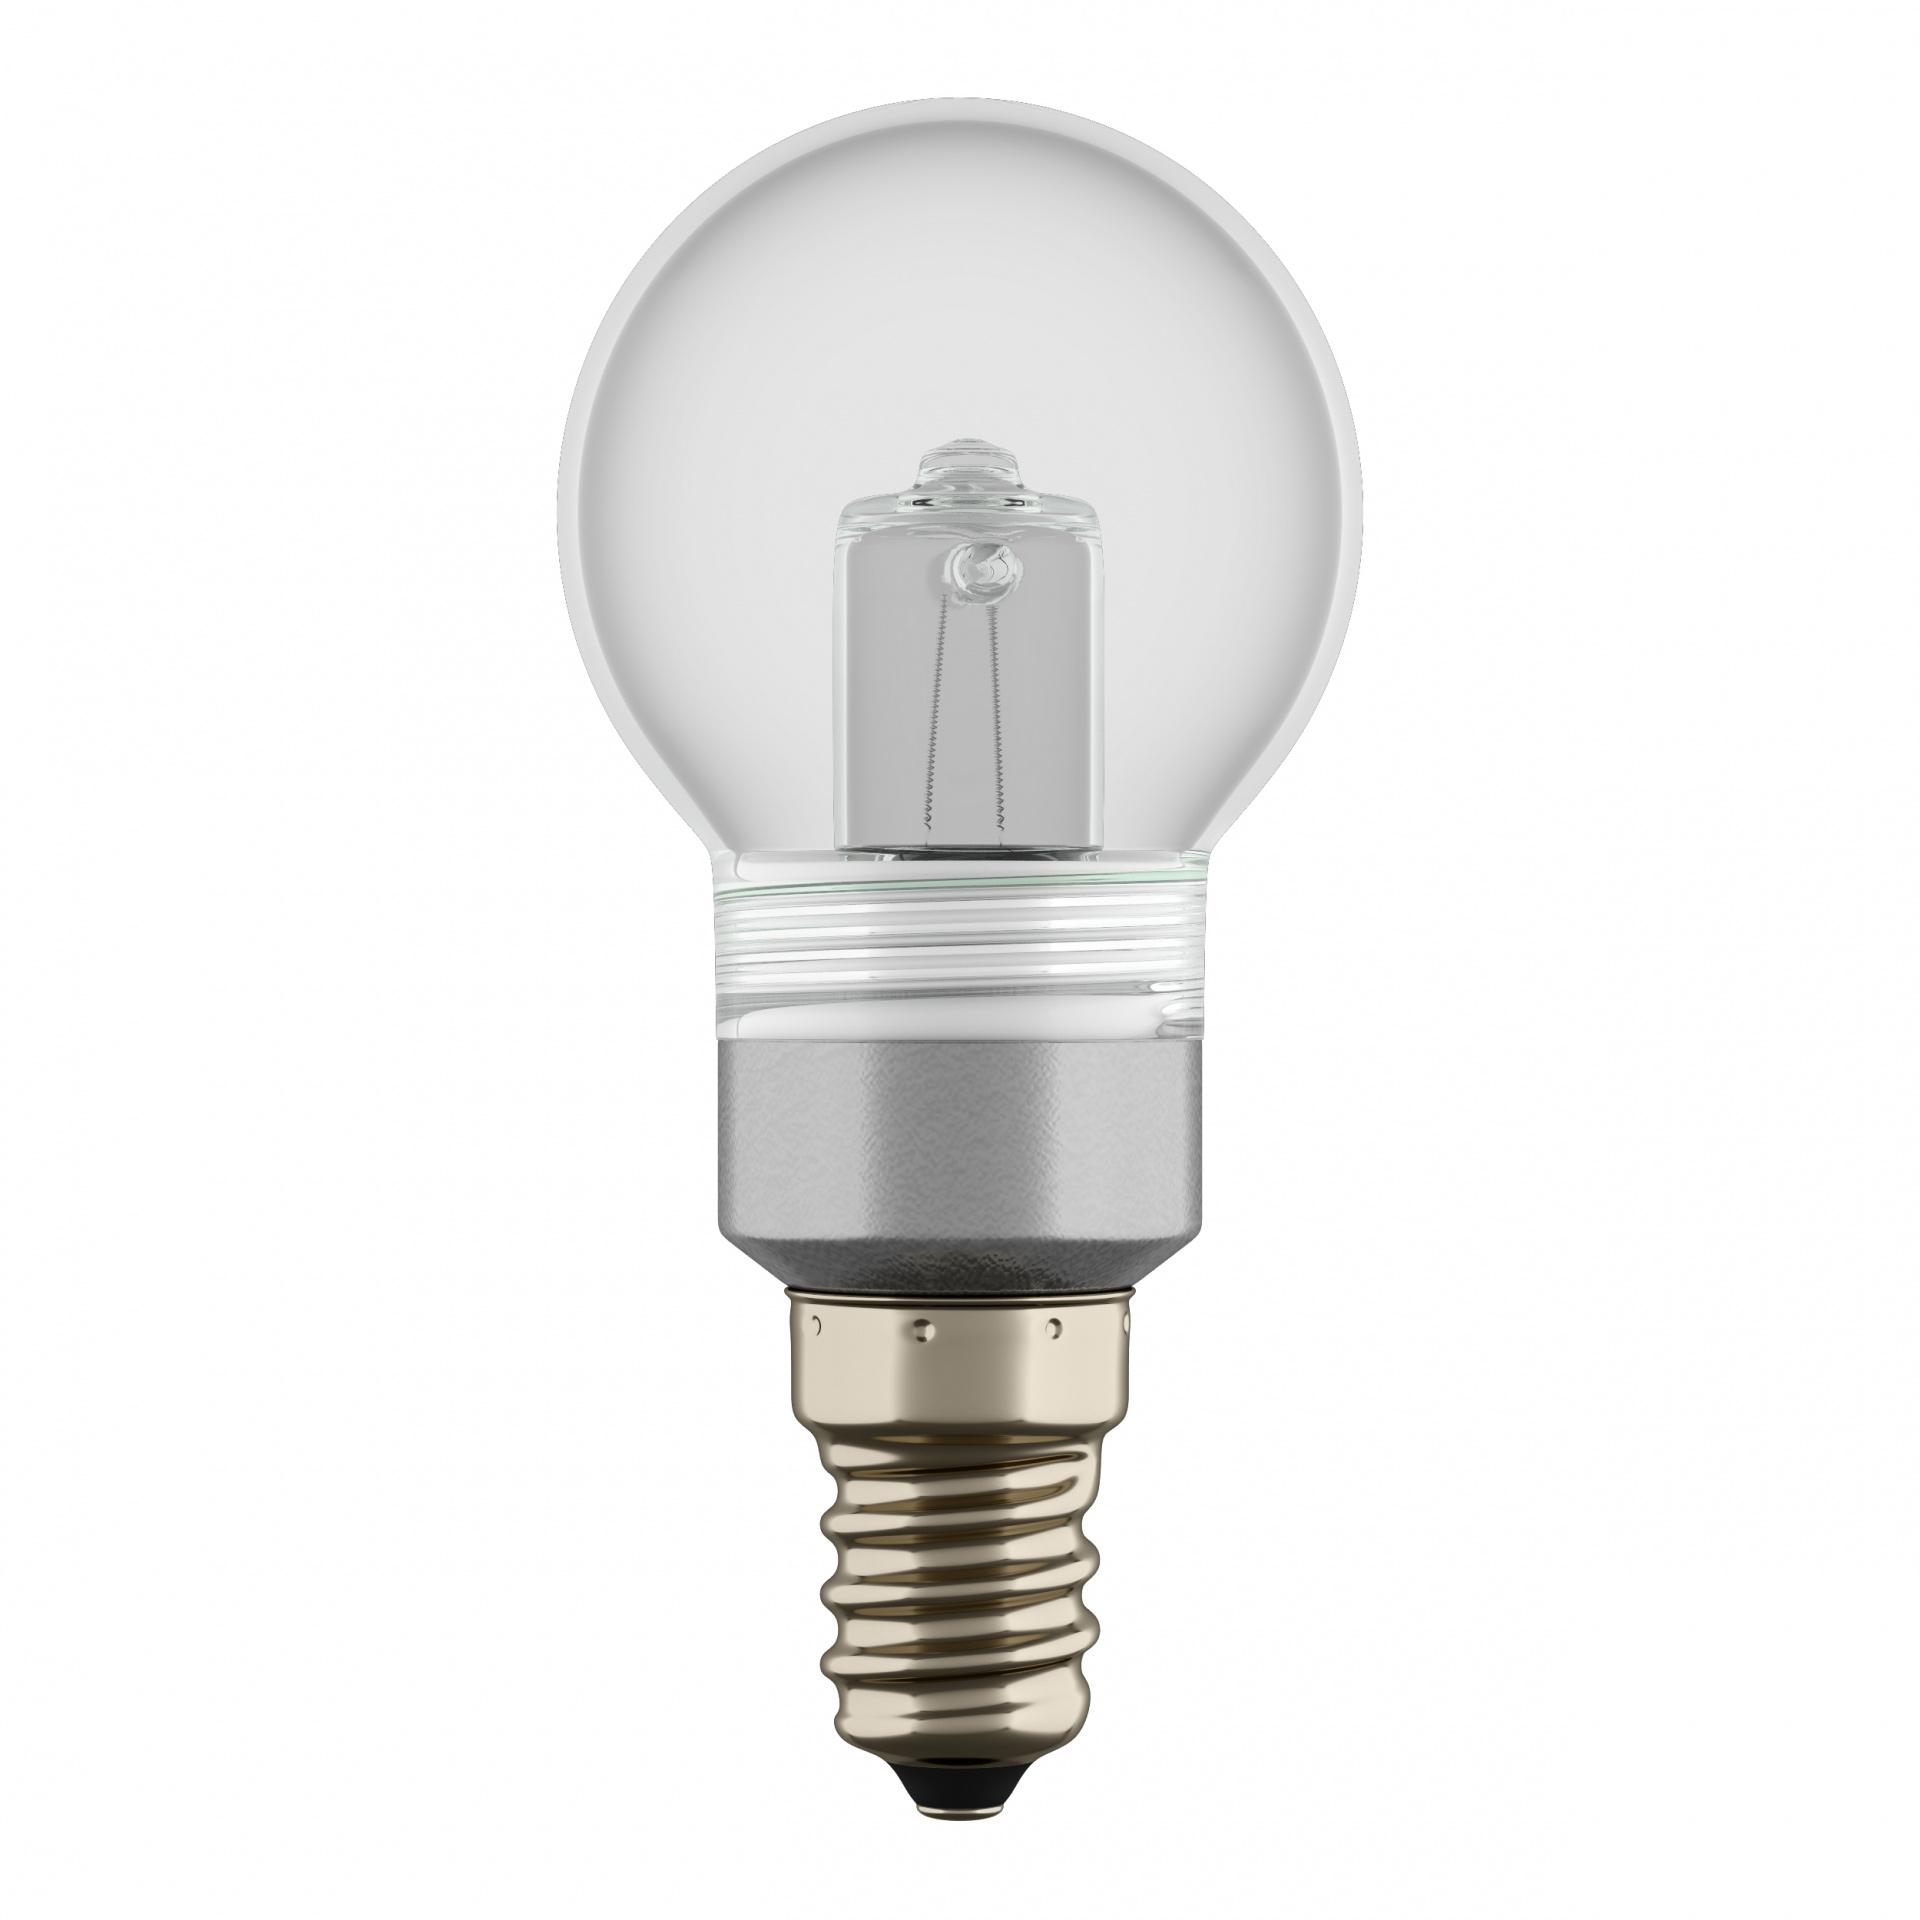 Лампа HAL 220V G40 E14 40W RM RA100 2800K 2000H DIMM Lightstar 922950, купить в СПб, Москве, с доставкой, Санкт-Петербург, интернет-магазин люстр и светильников Starlight, фото в жизни